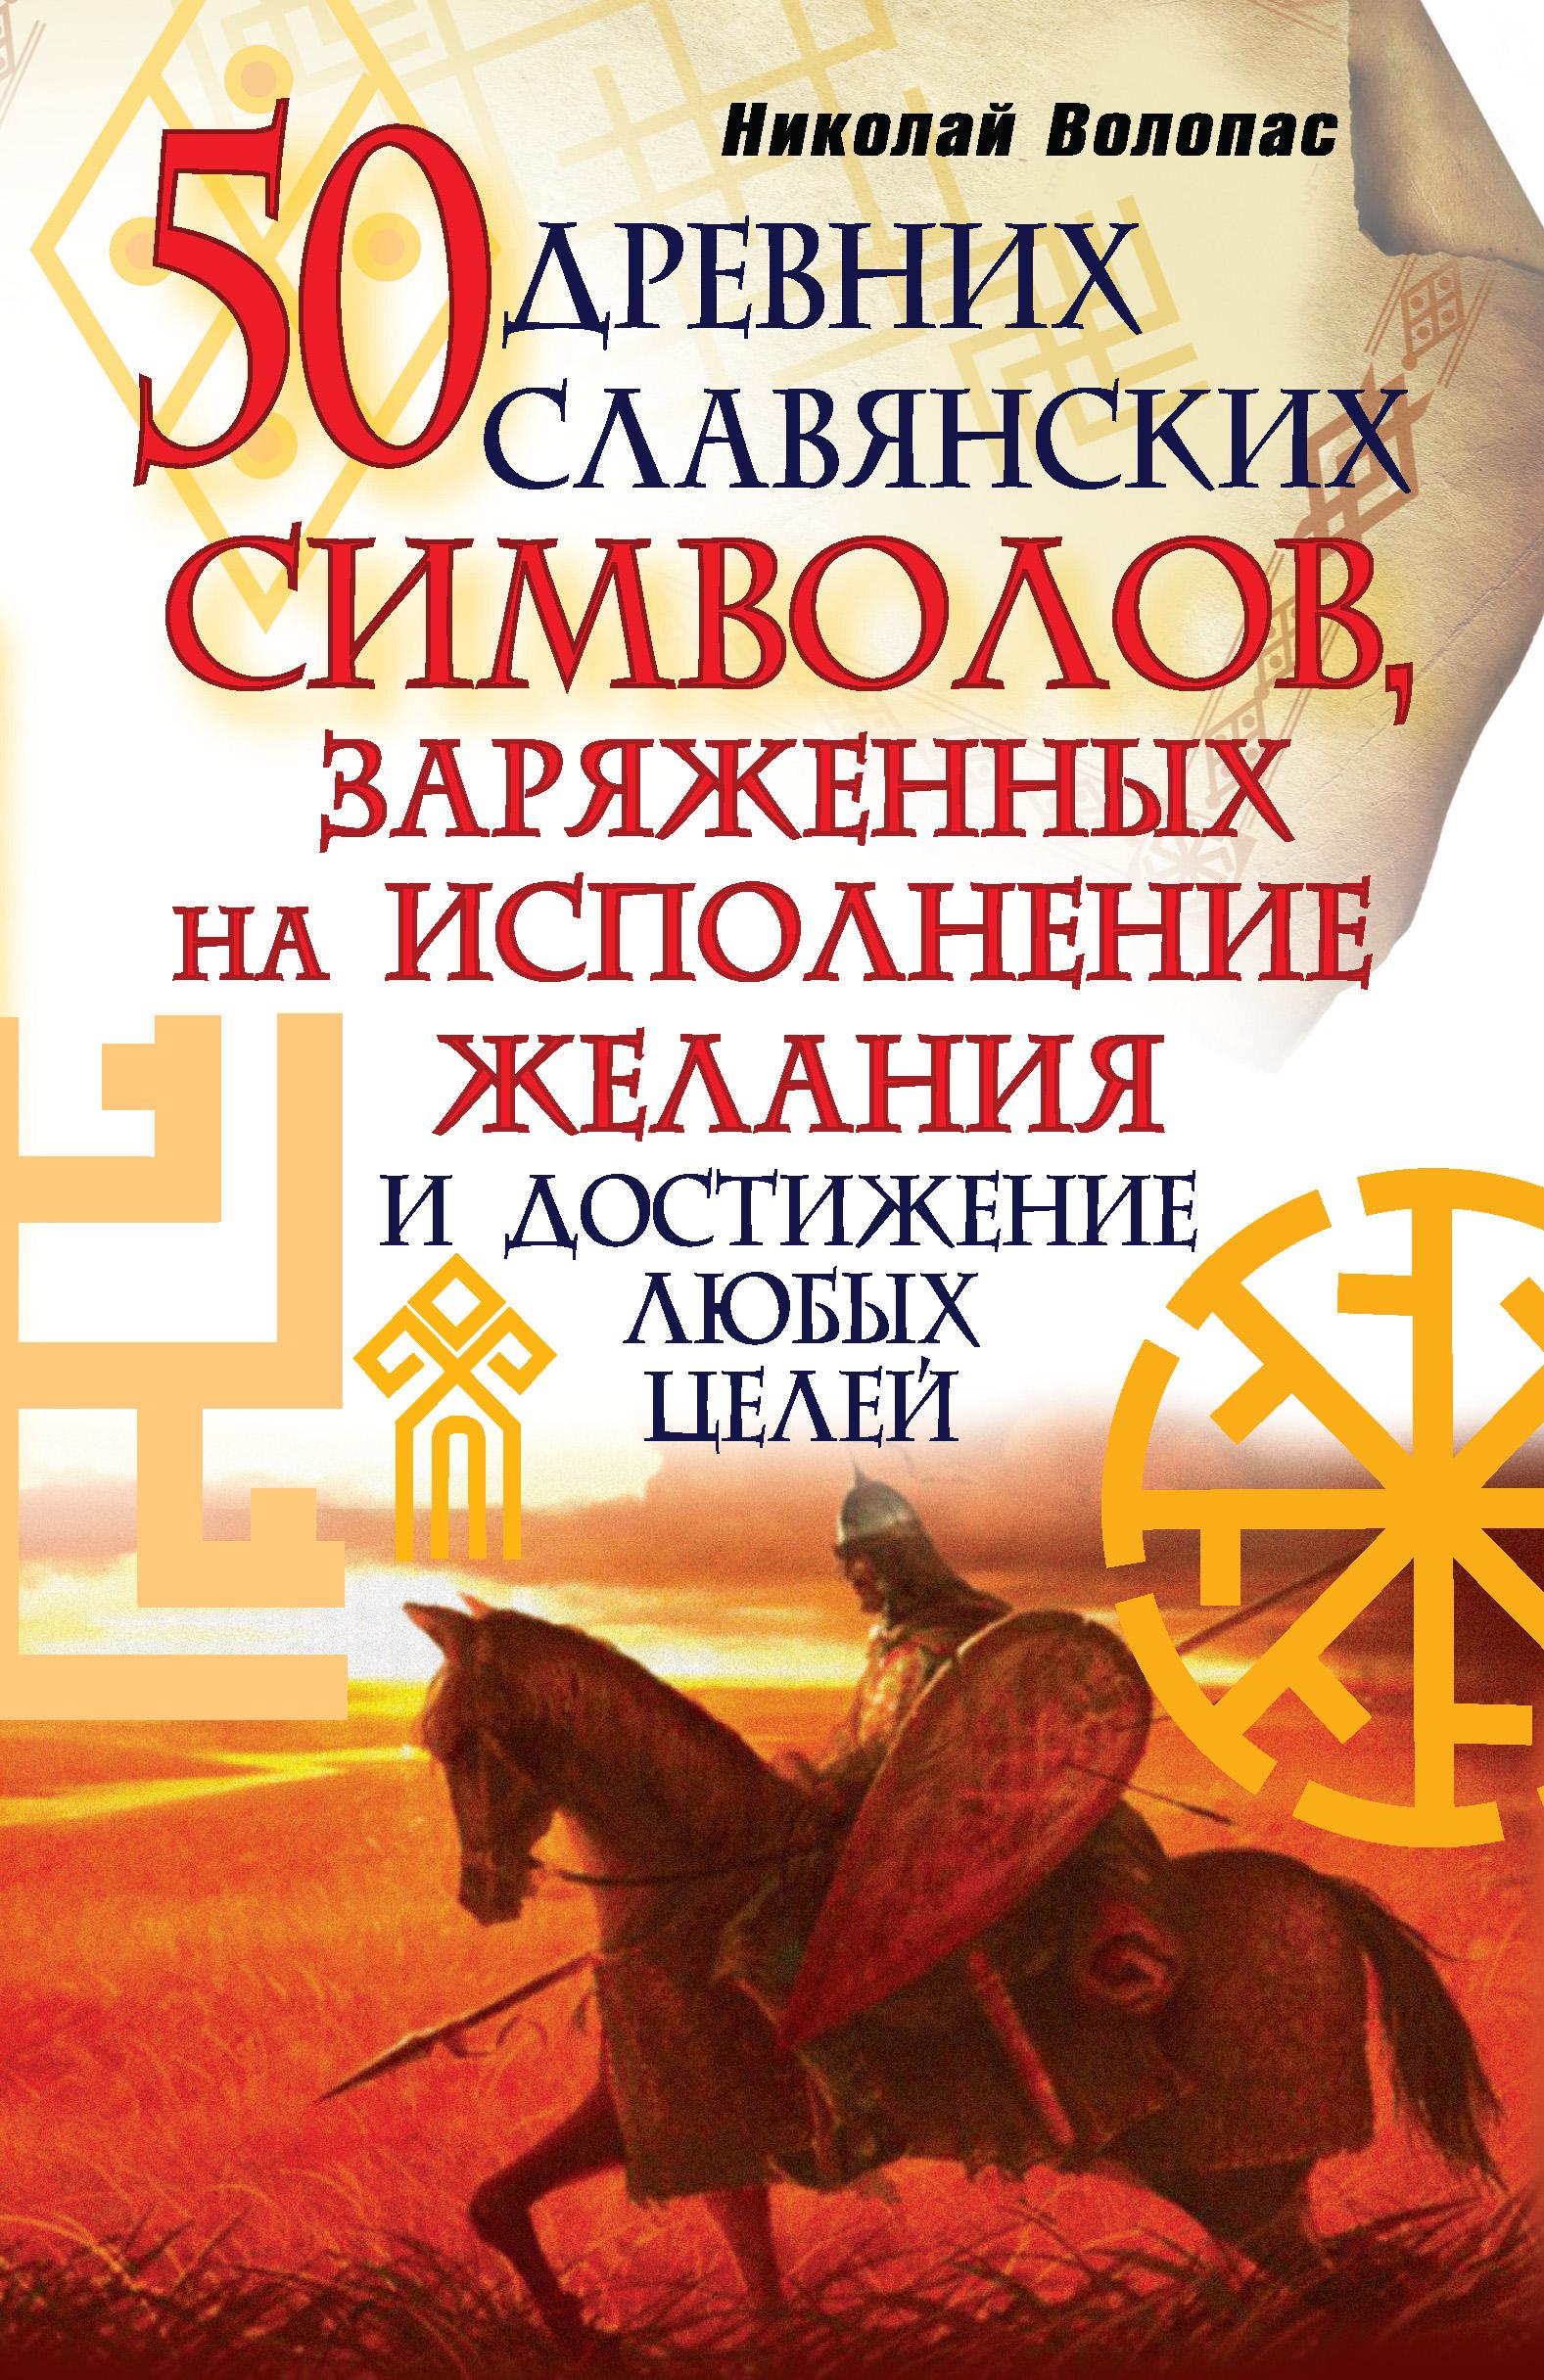 Смотреть иллюстрации секс с древне славянскими богами